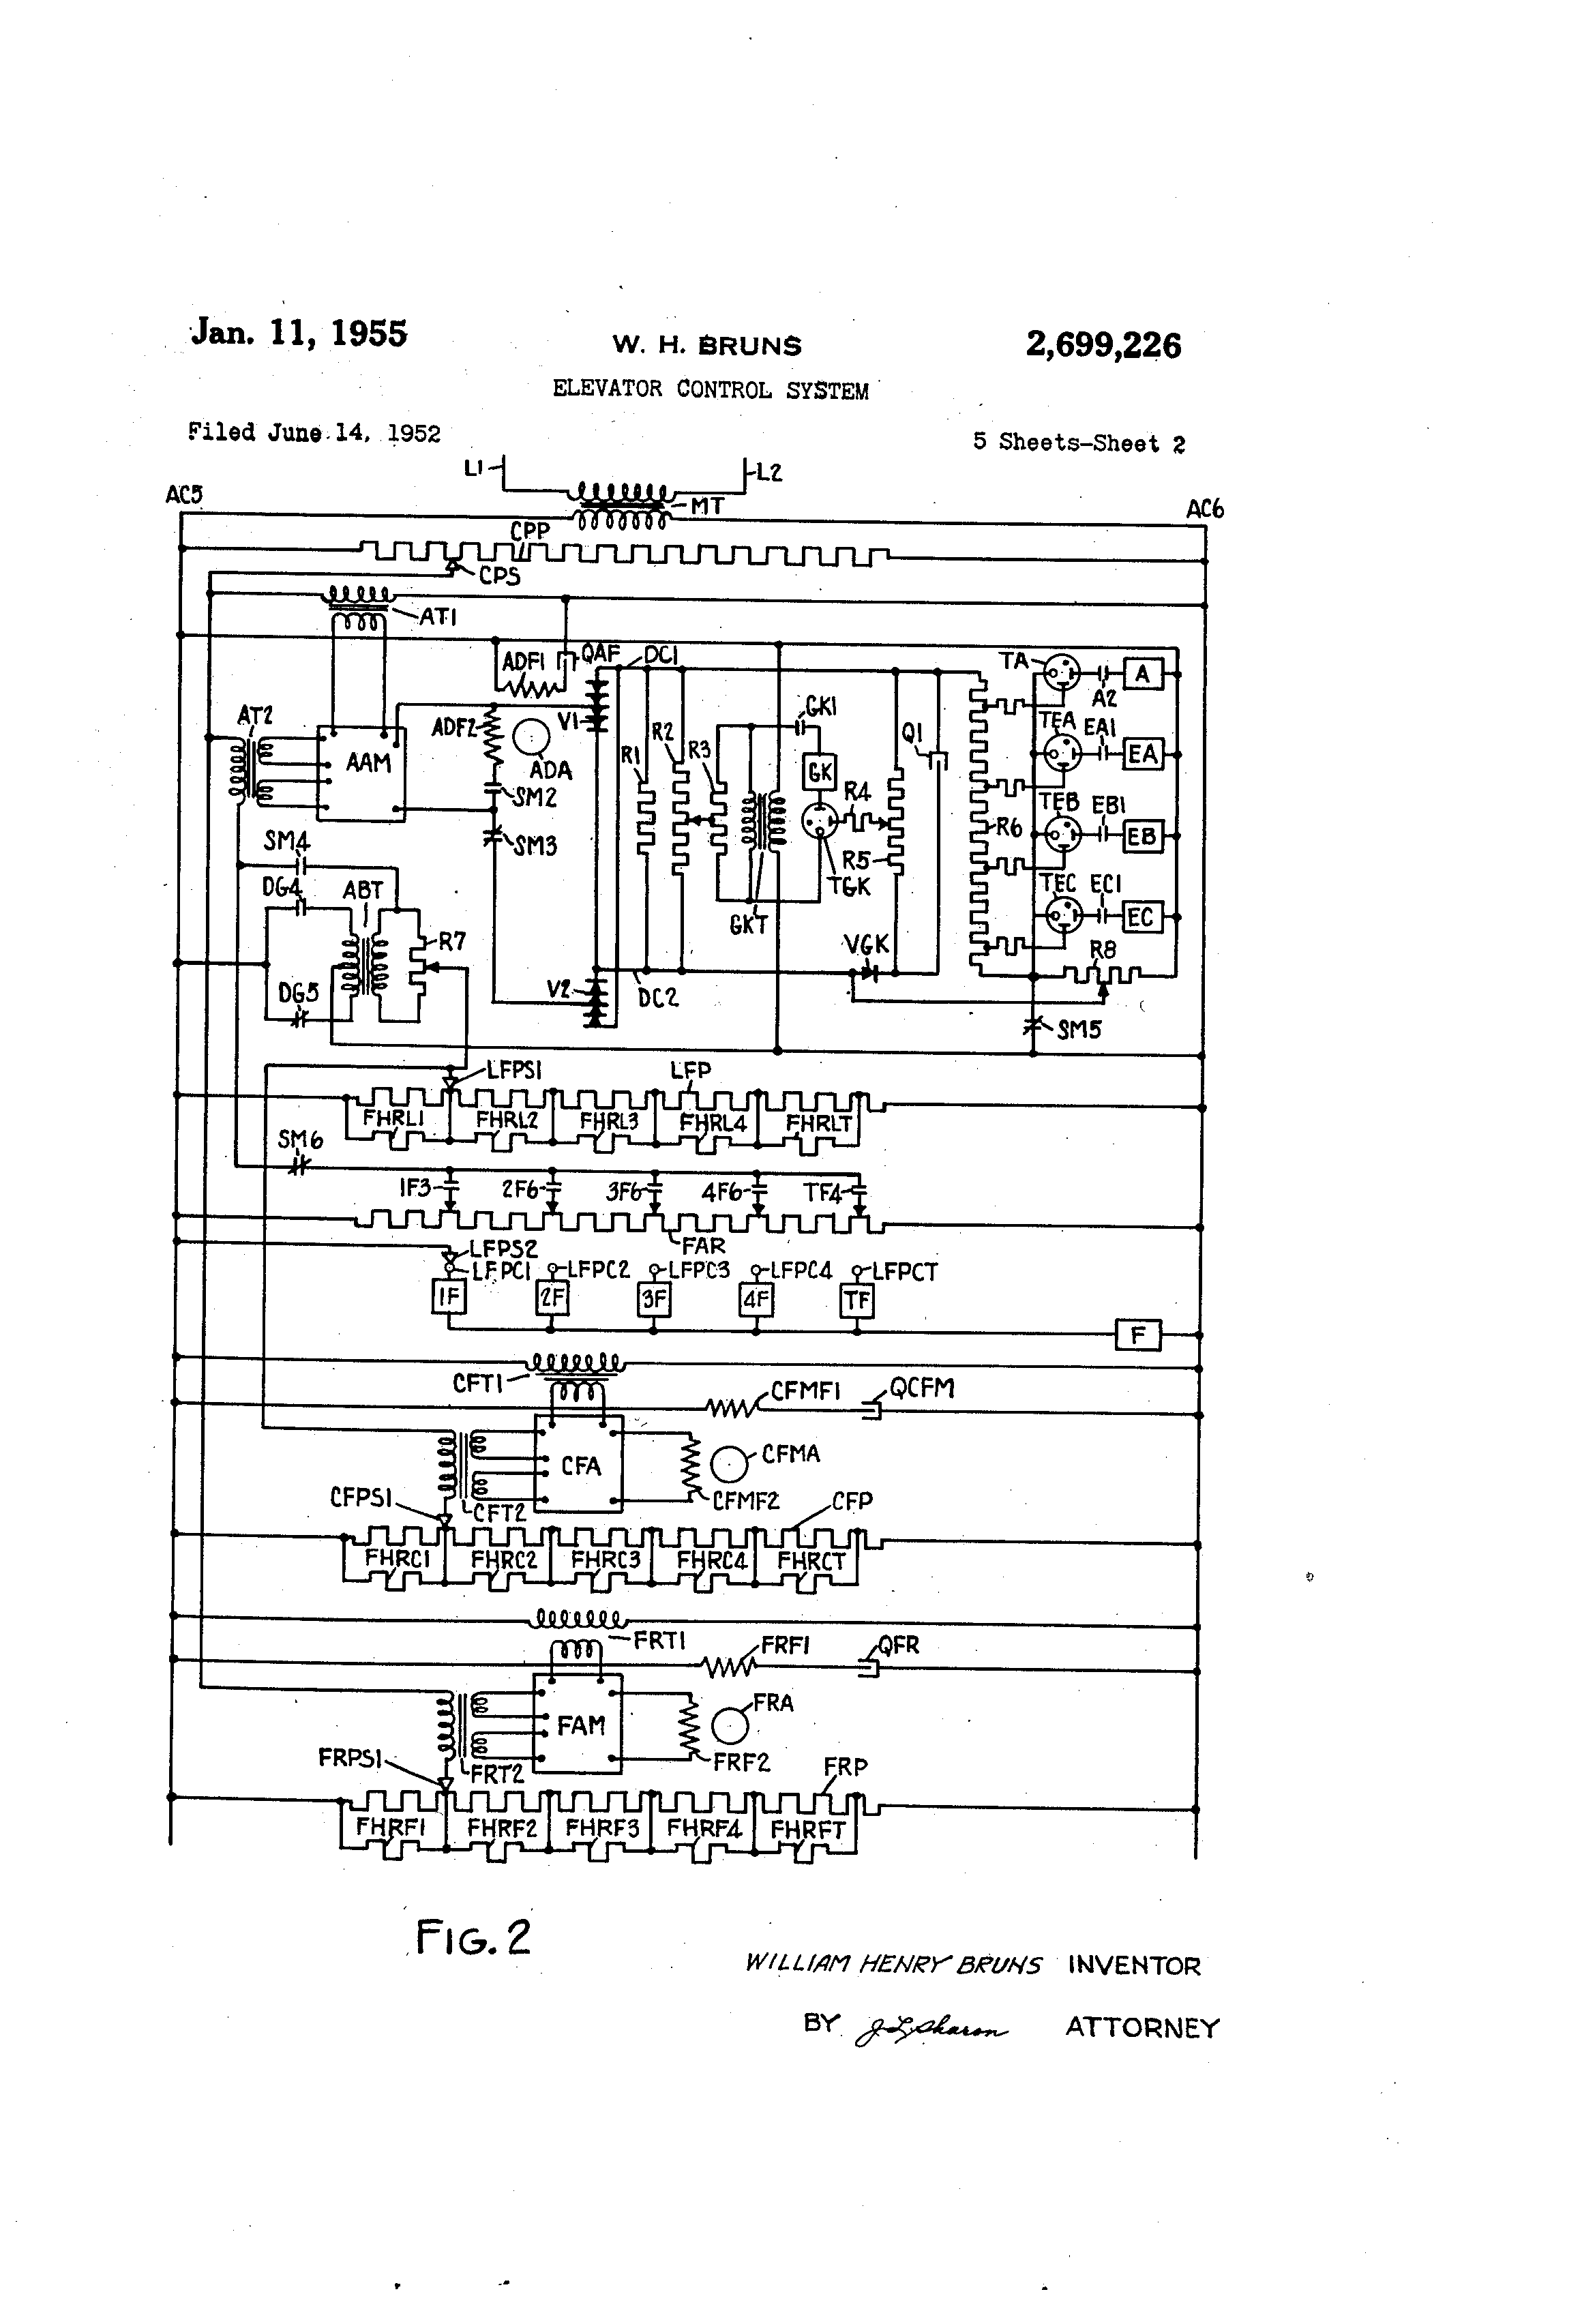 Otis Elevator Wiring Schematic Schematics Diagrams Control Panel Diagram Wireing